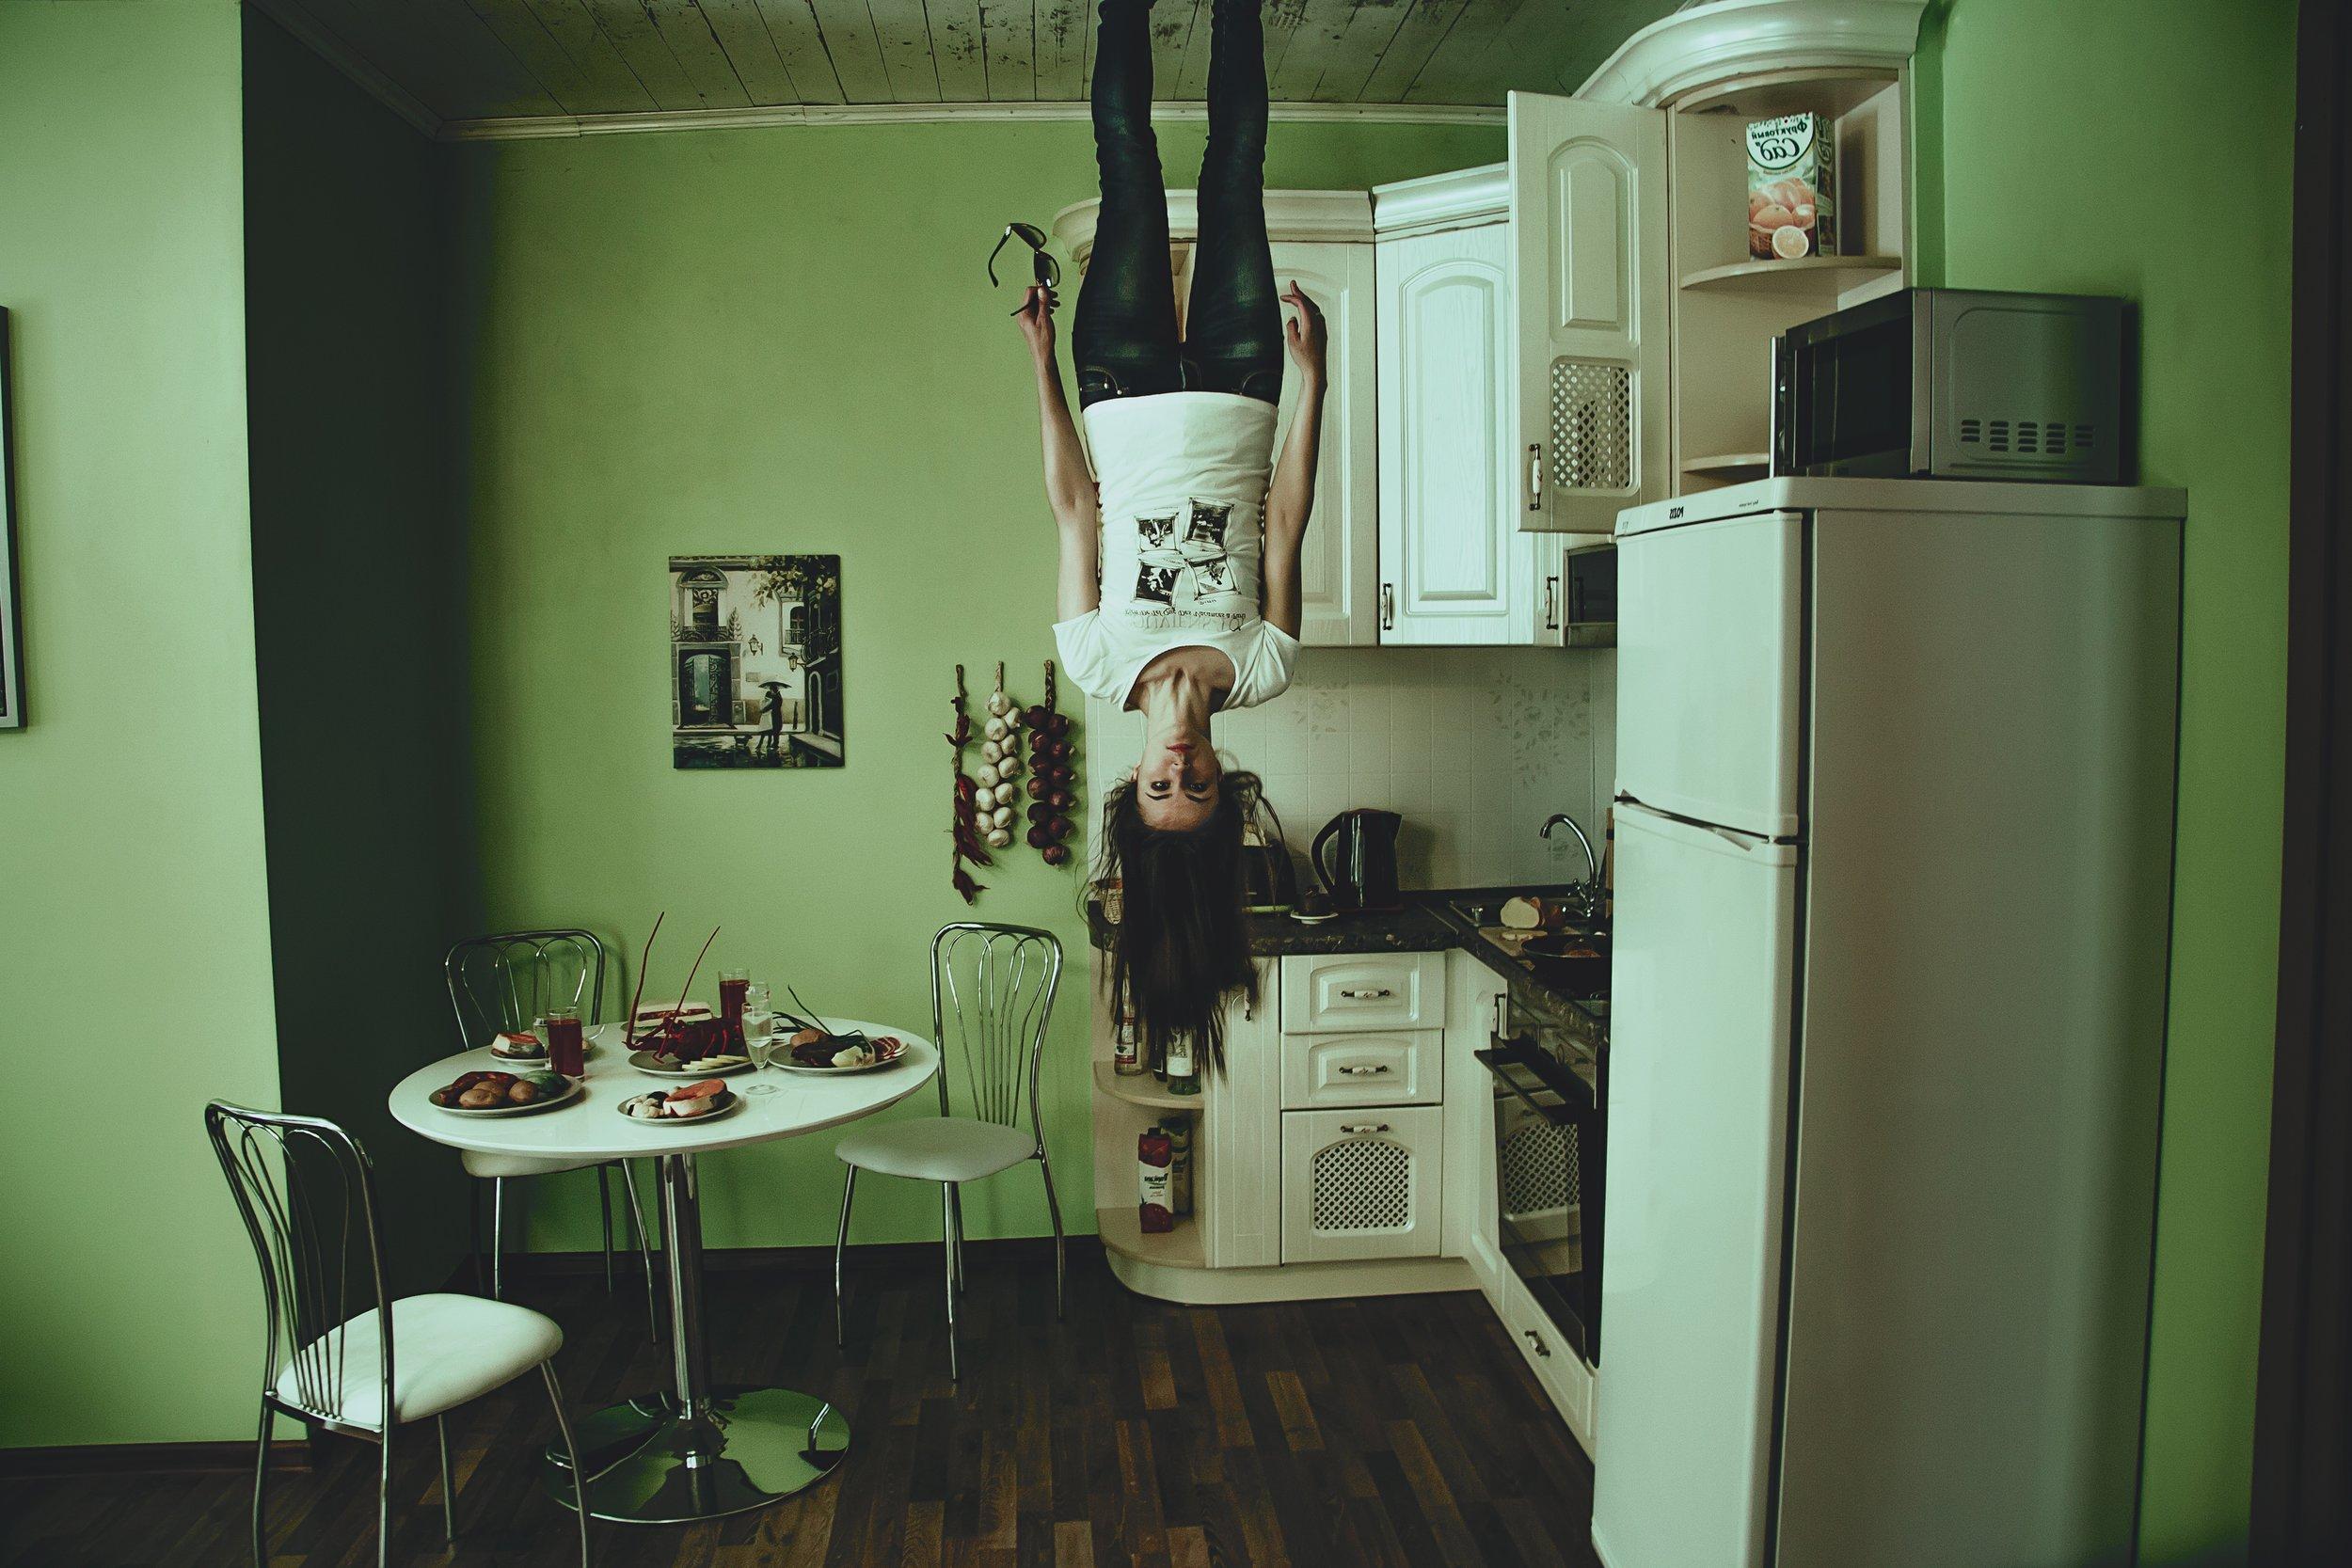 apartment-cabinet-chair-207858.jpg